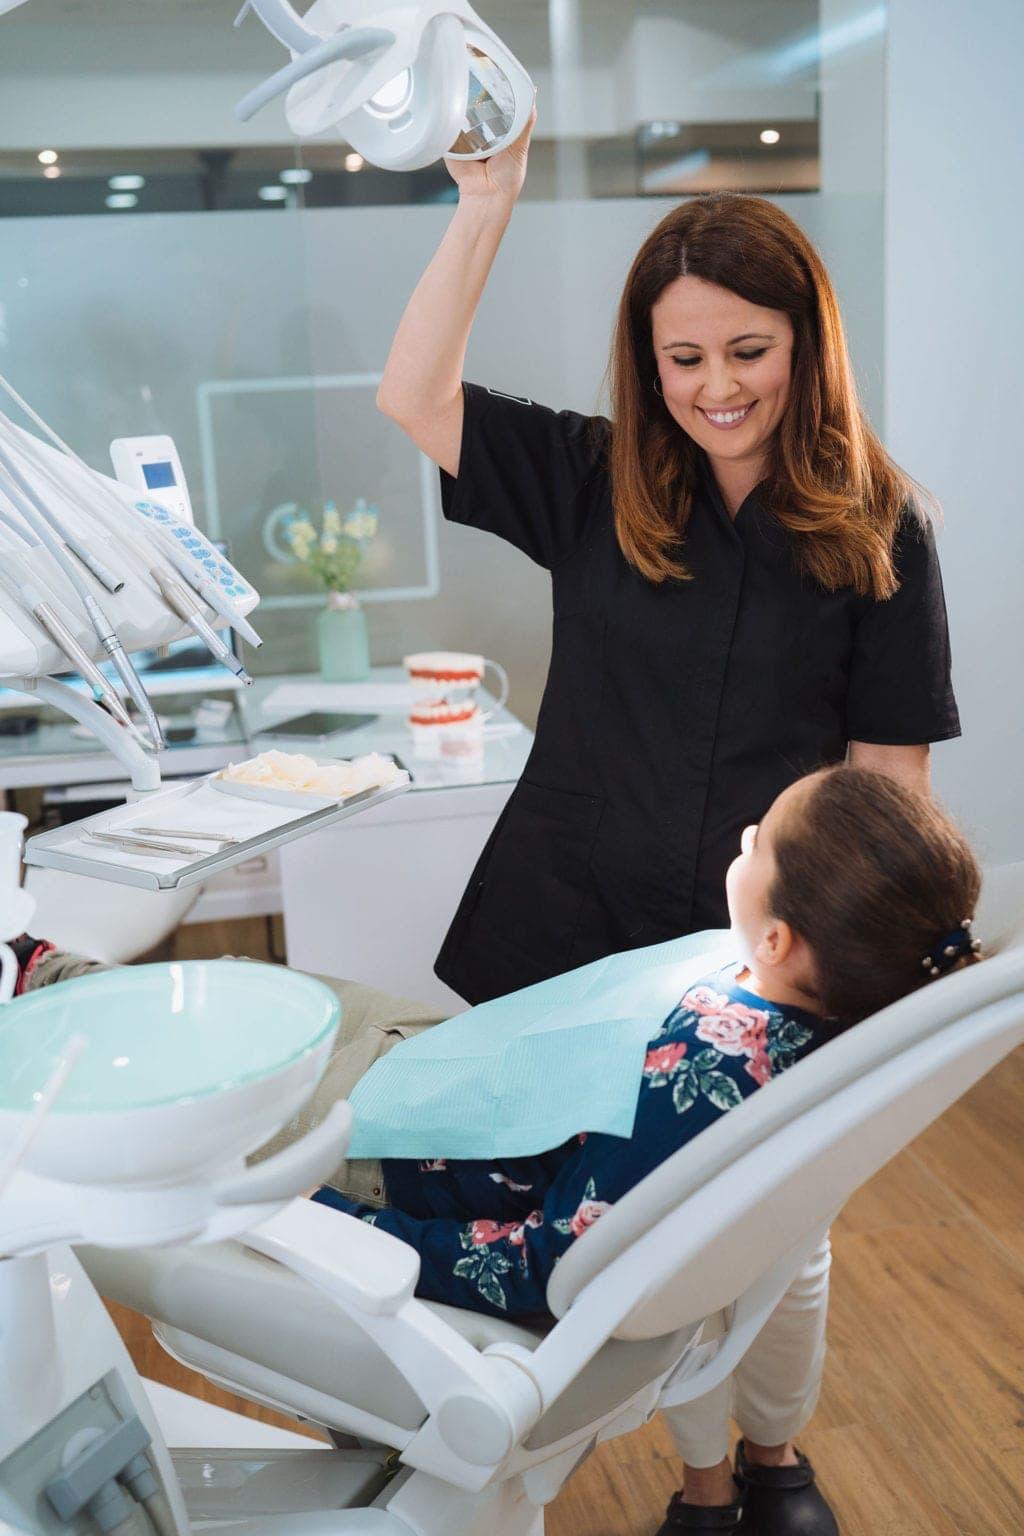 Dentista examinando los dientes de una niña mientras le sonríe y le acerca la lámpara en una clínica de dental diseñada por Medicalta, marketing sanitario para clínicas.